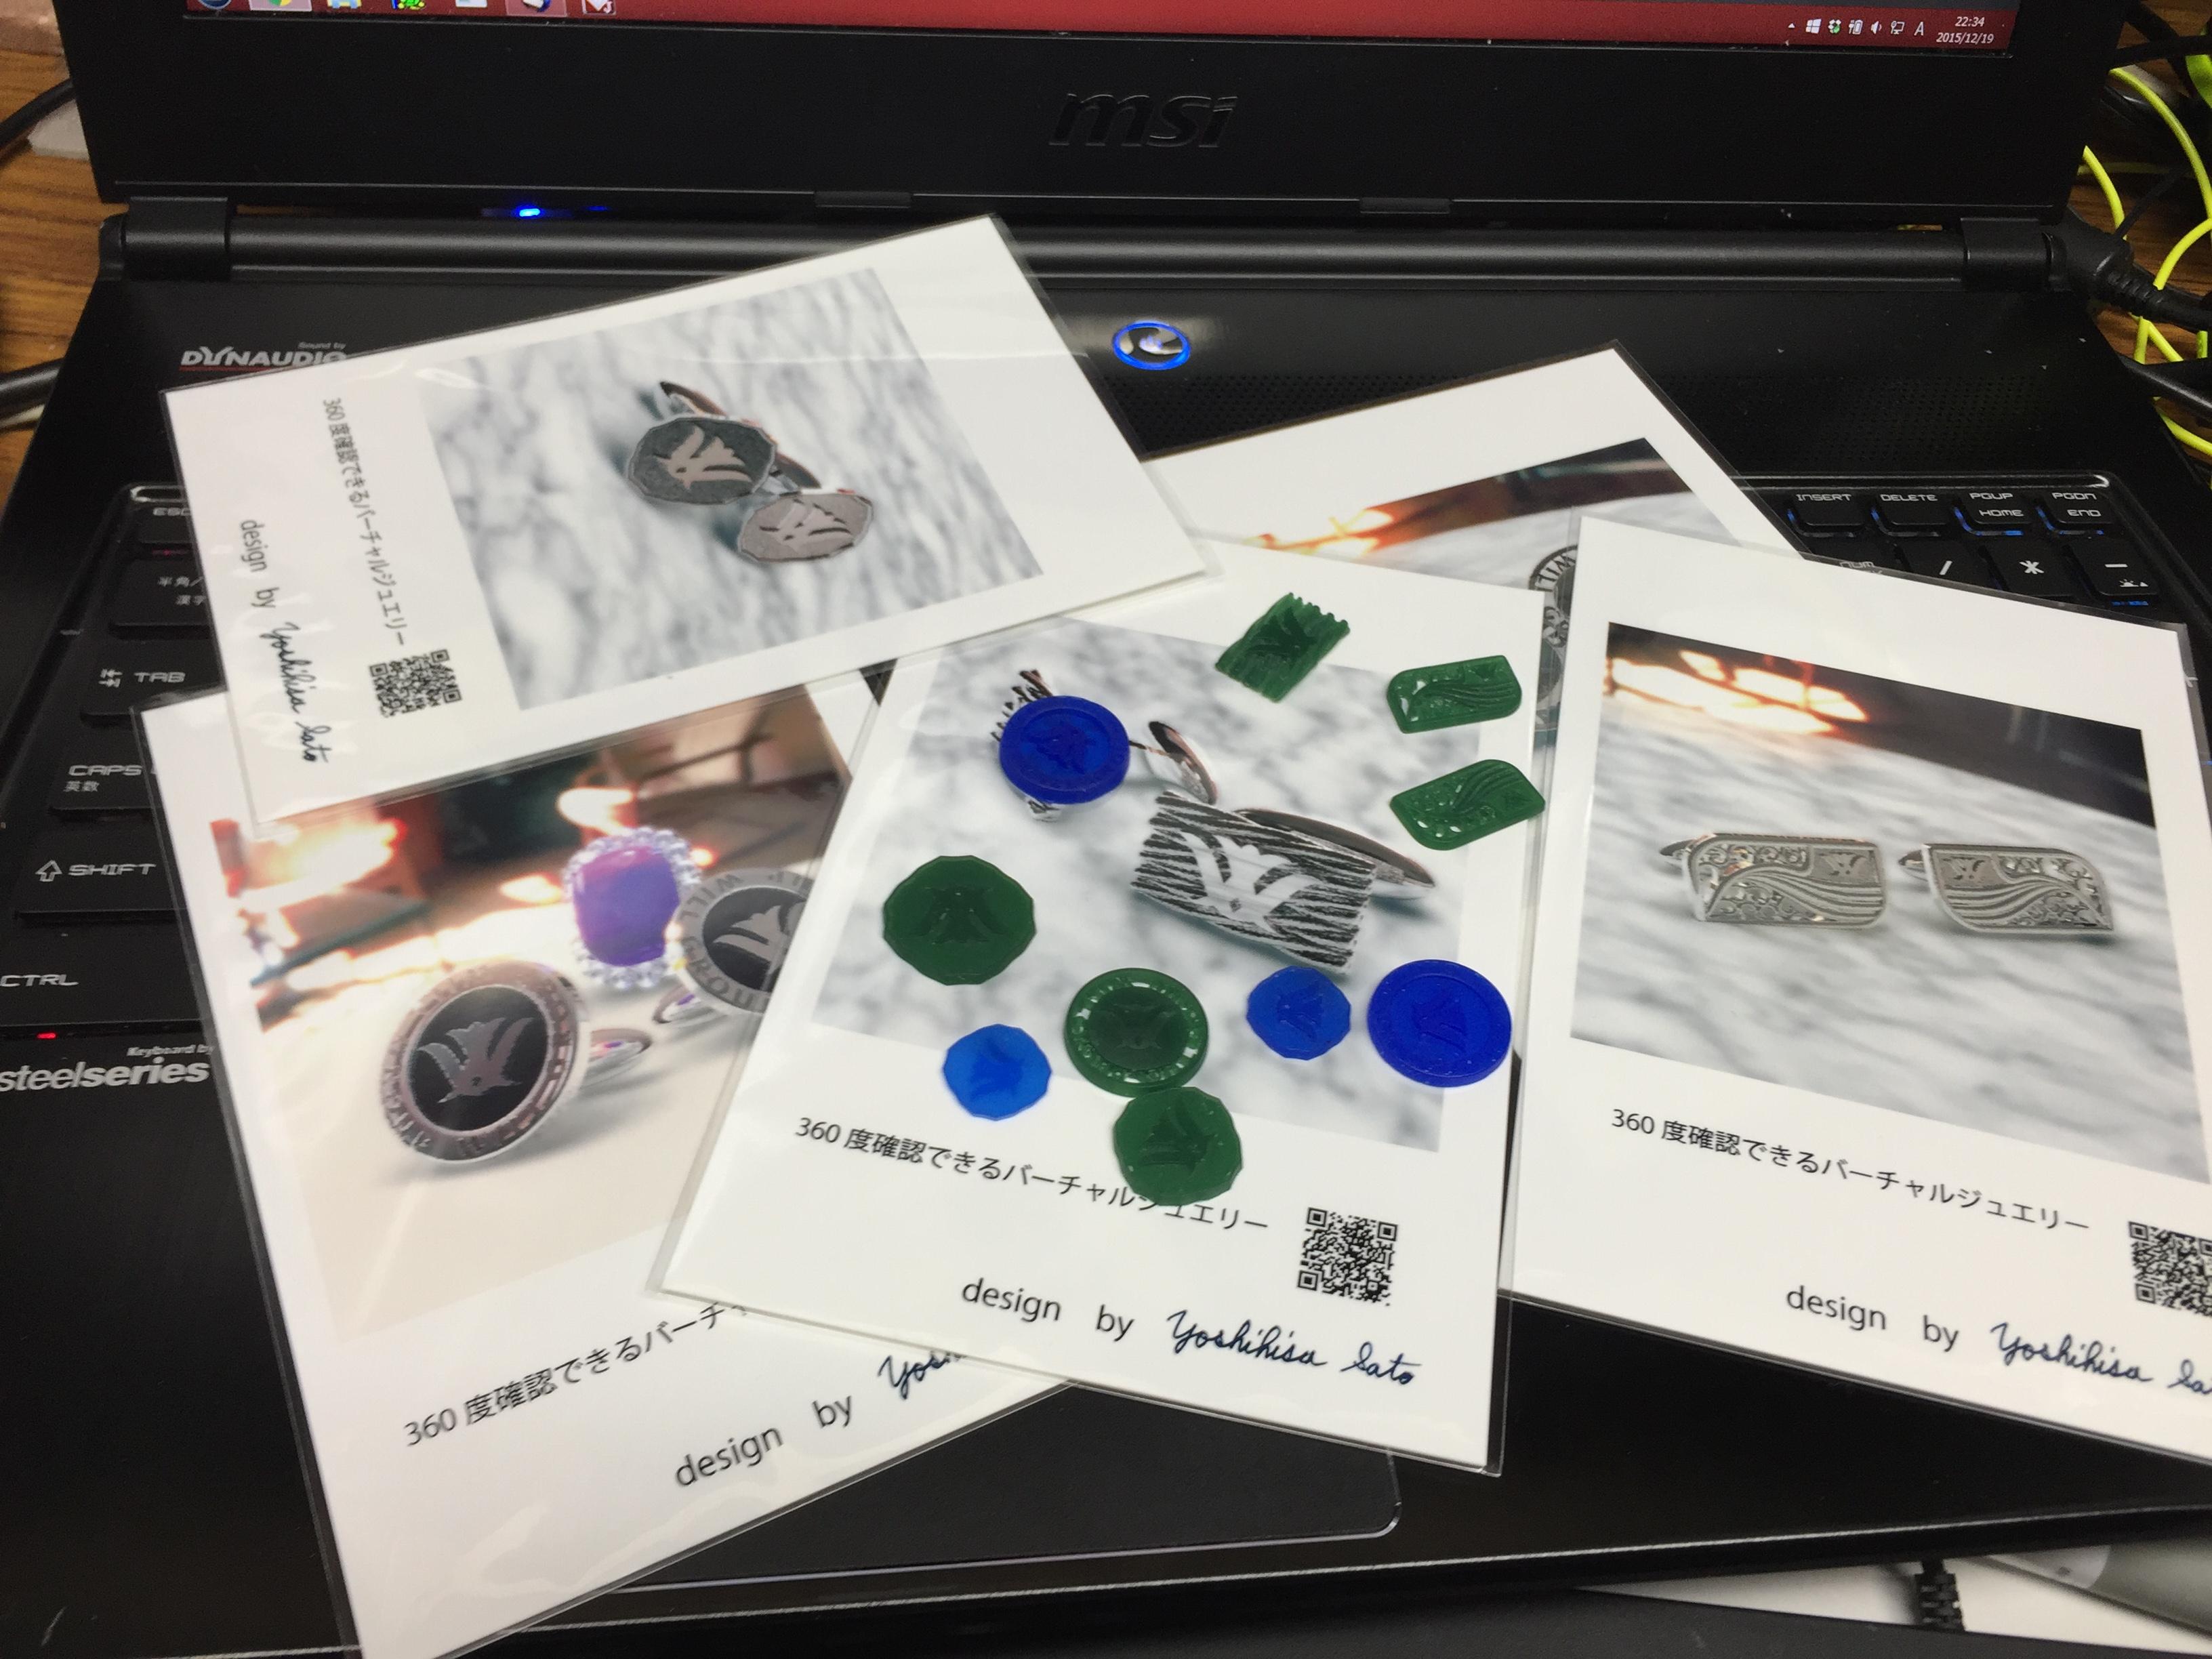 今回は デザイン画だけでなく パーツも3Dプリントしちゃいました。